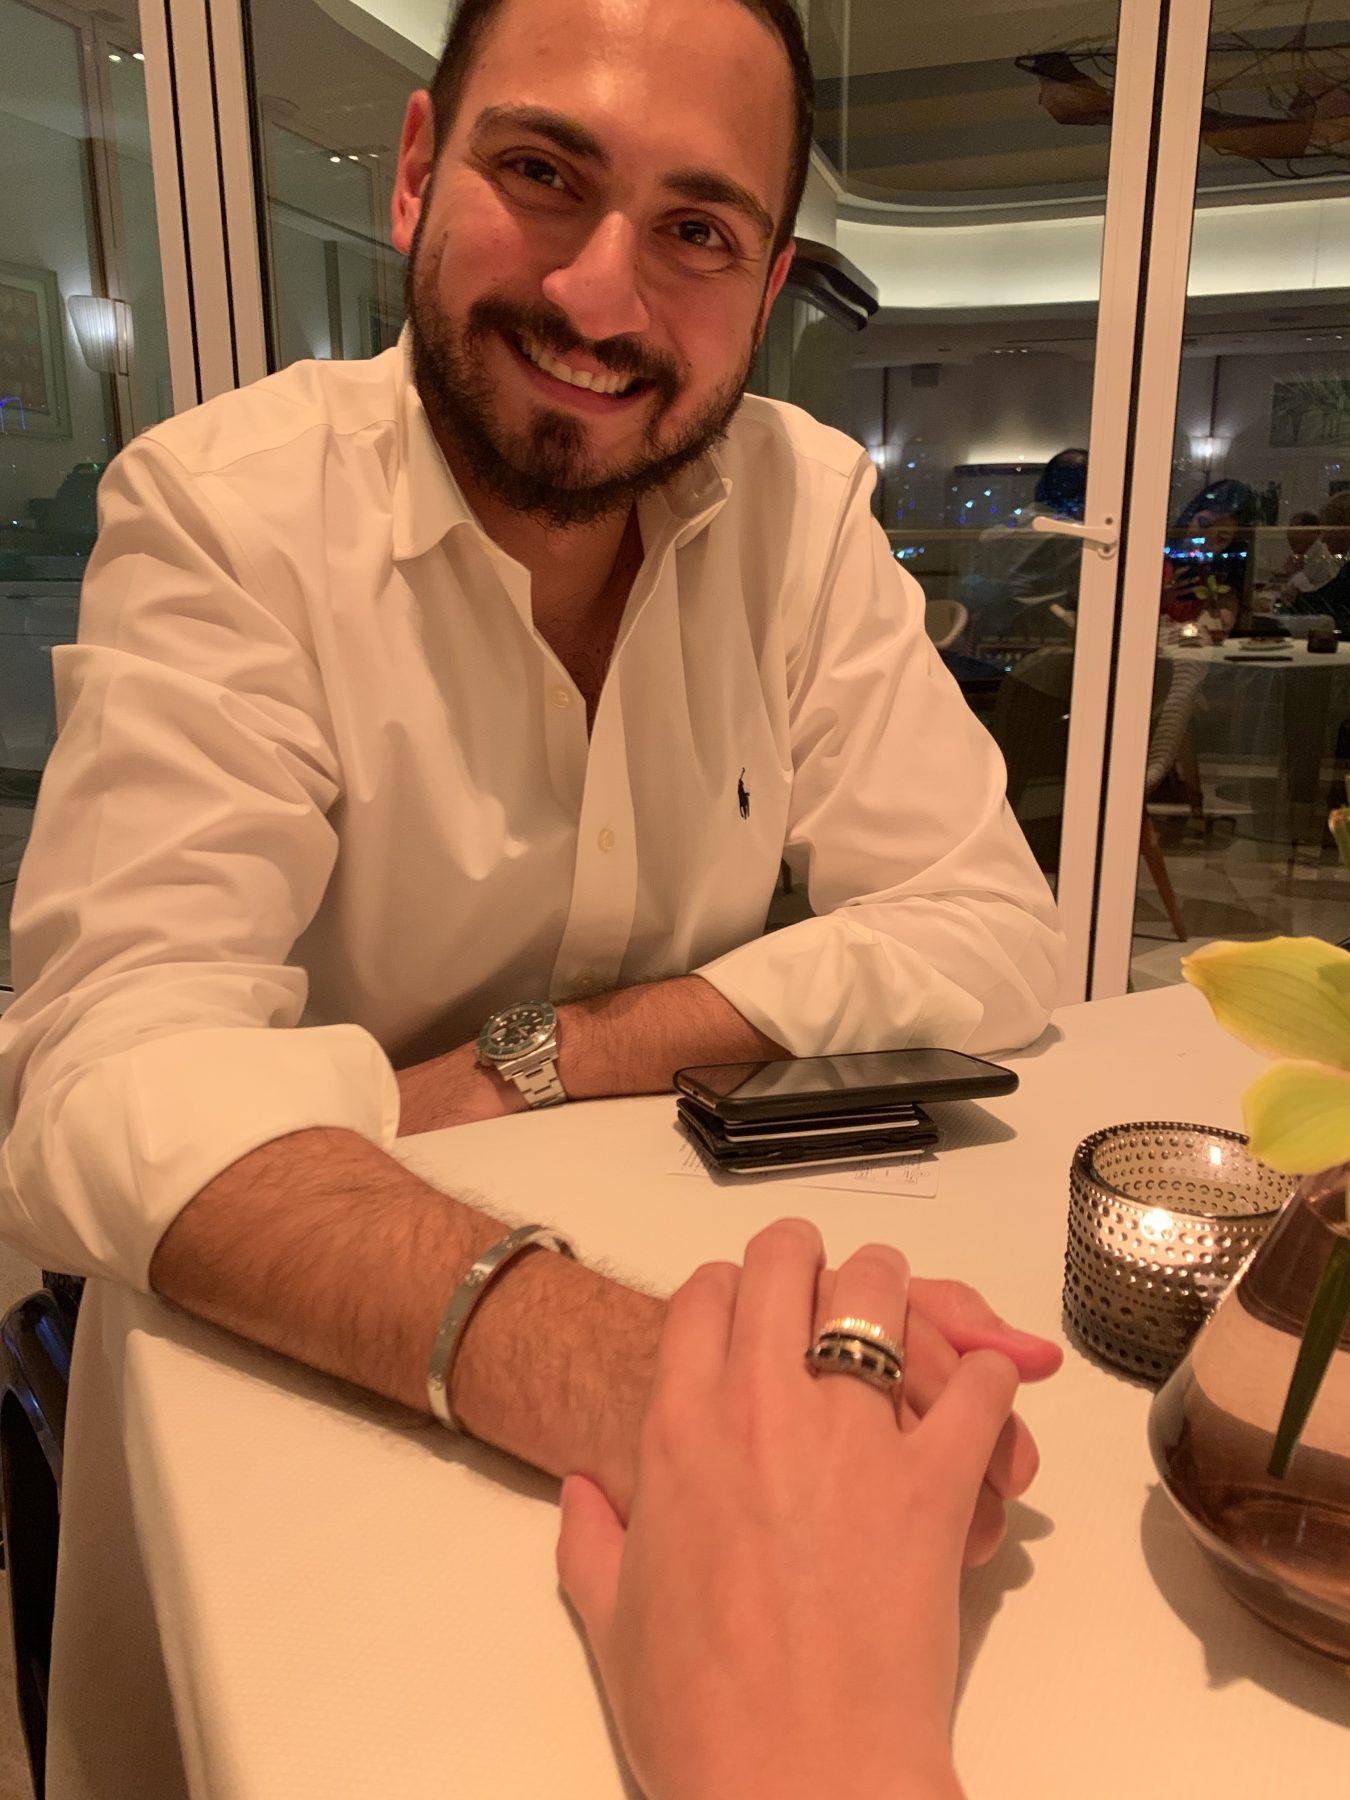 Dana and fiancé Hassan